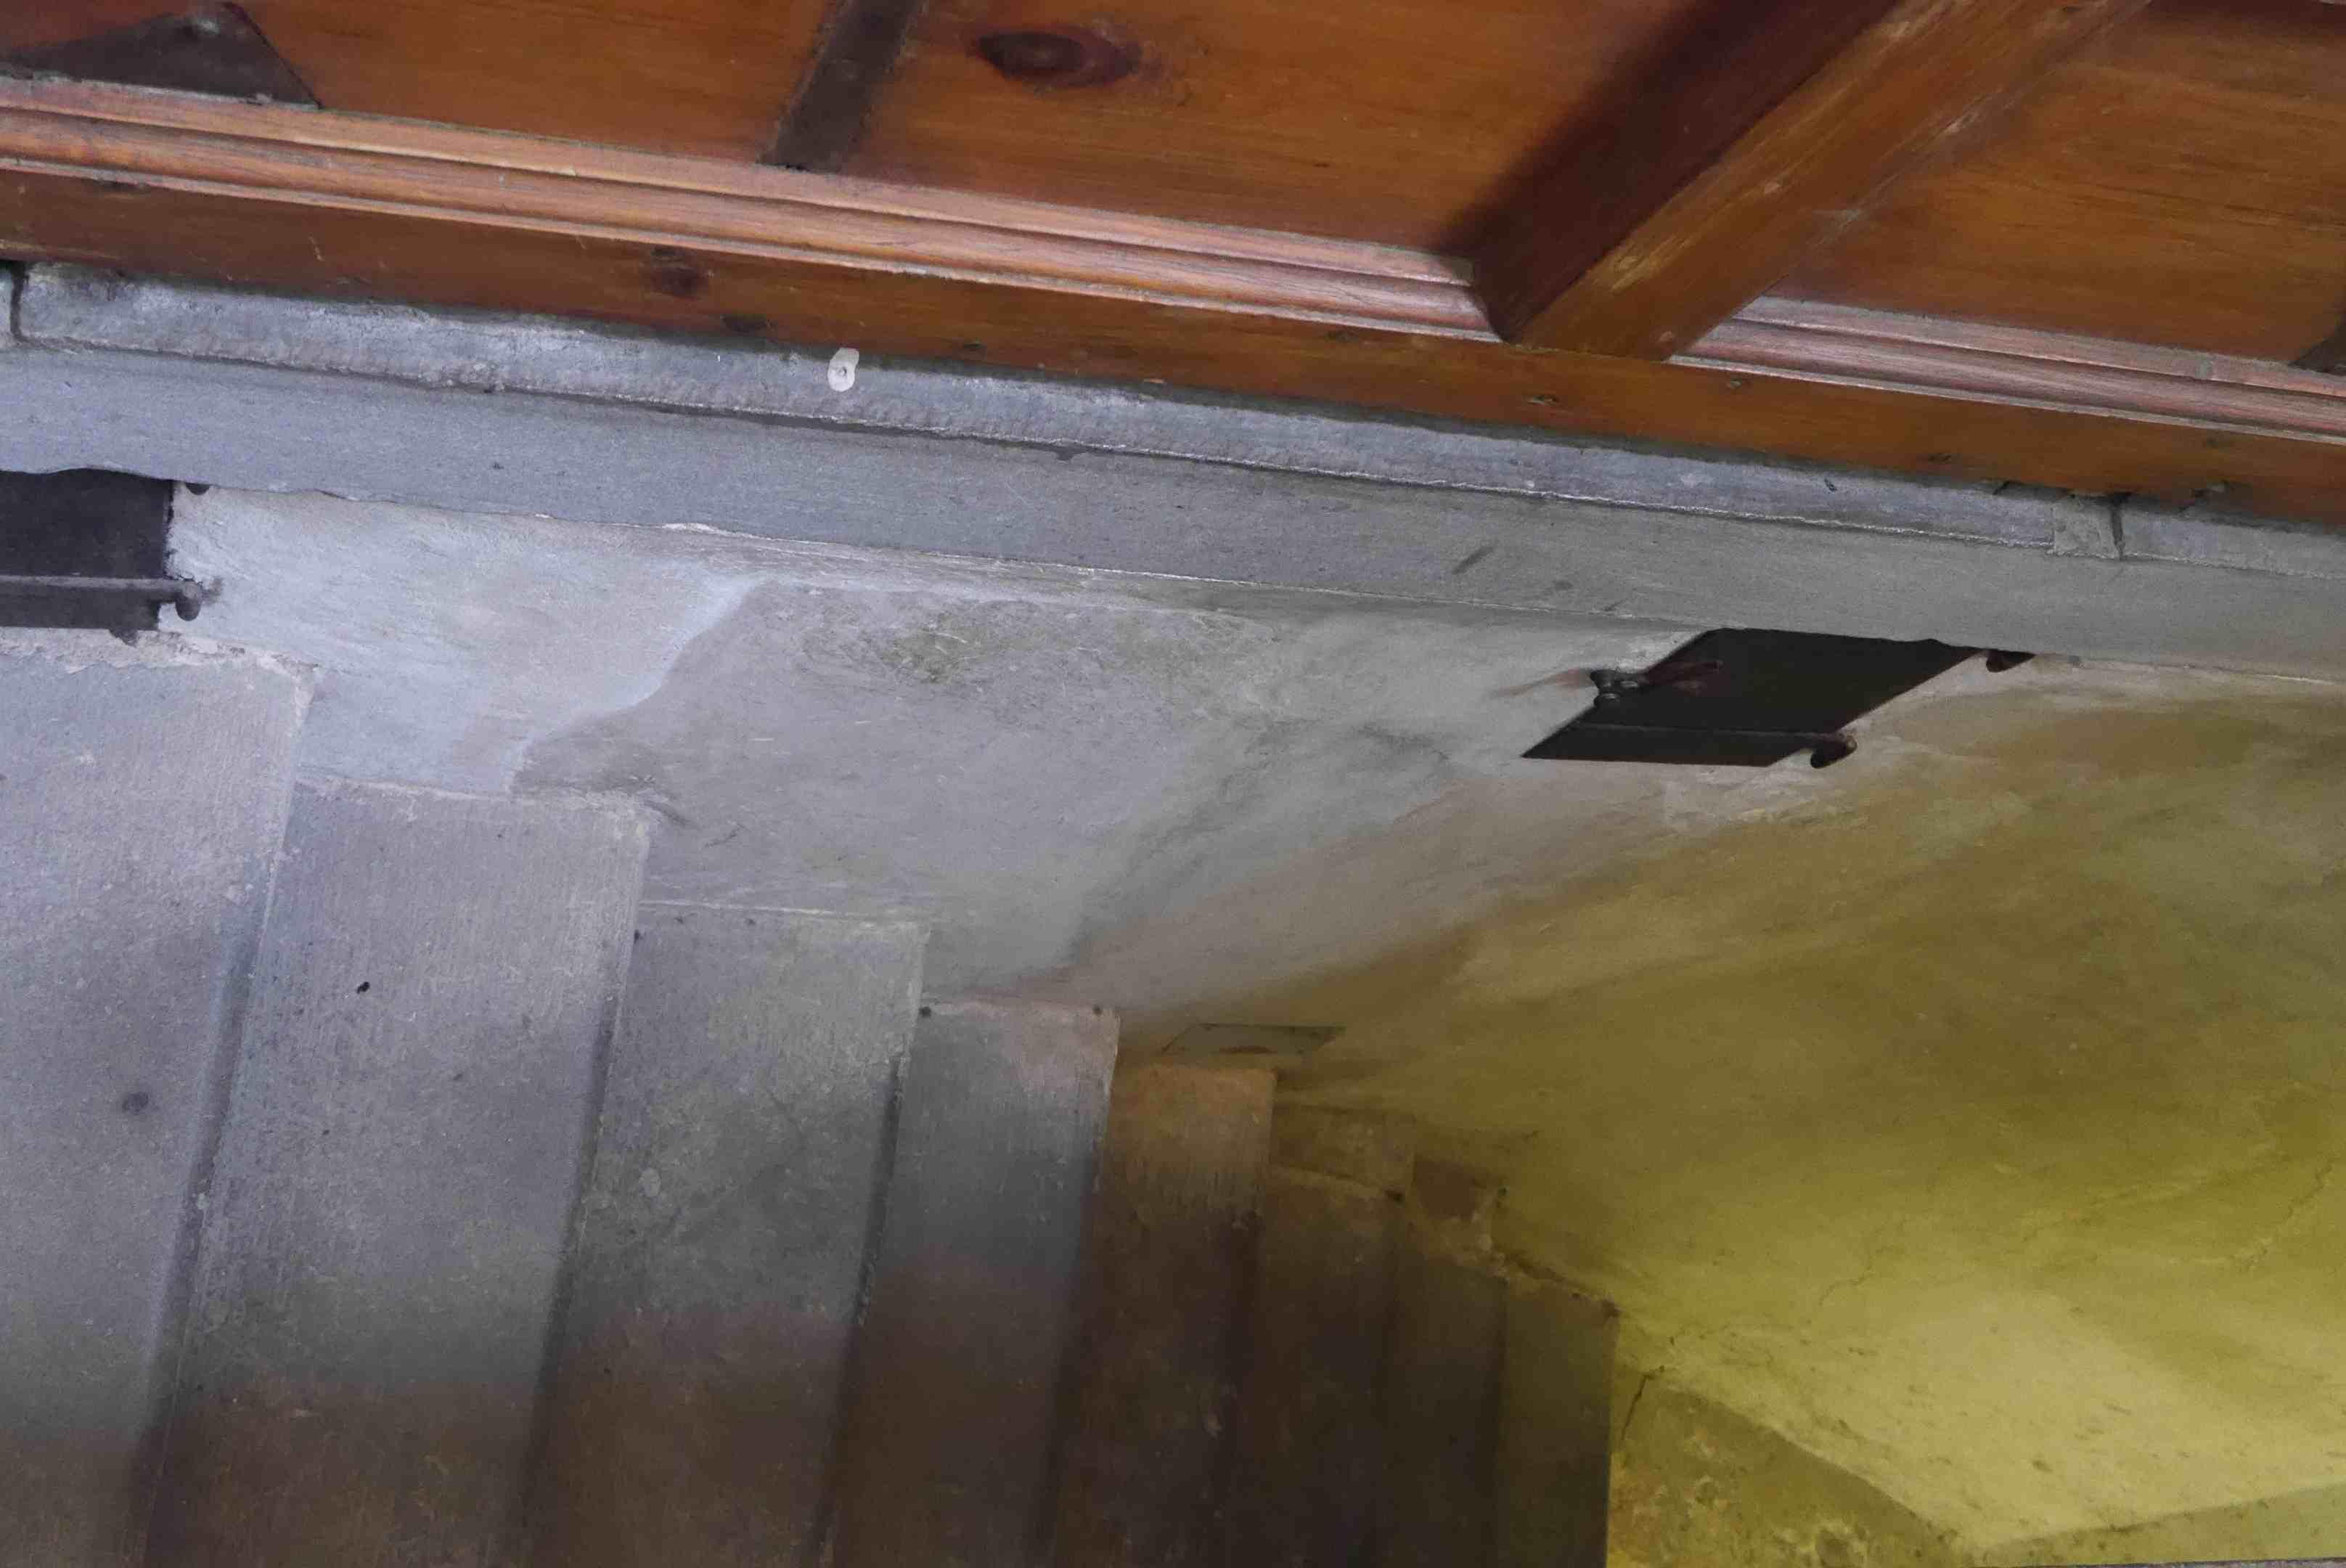 Chambre secrète Michelangelo Alidifirenze10